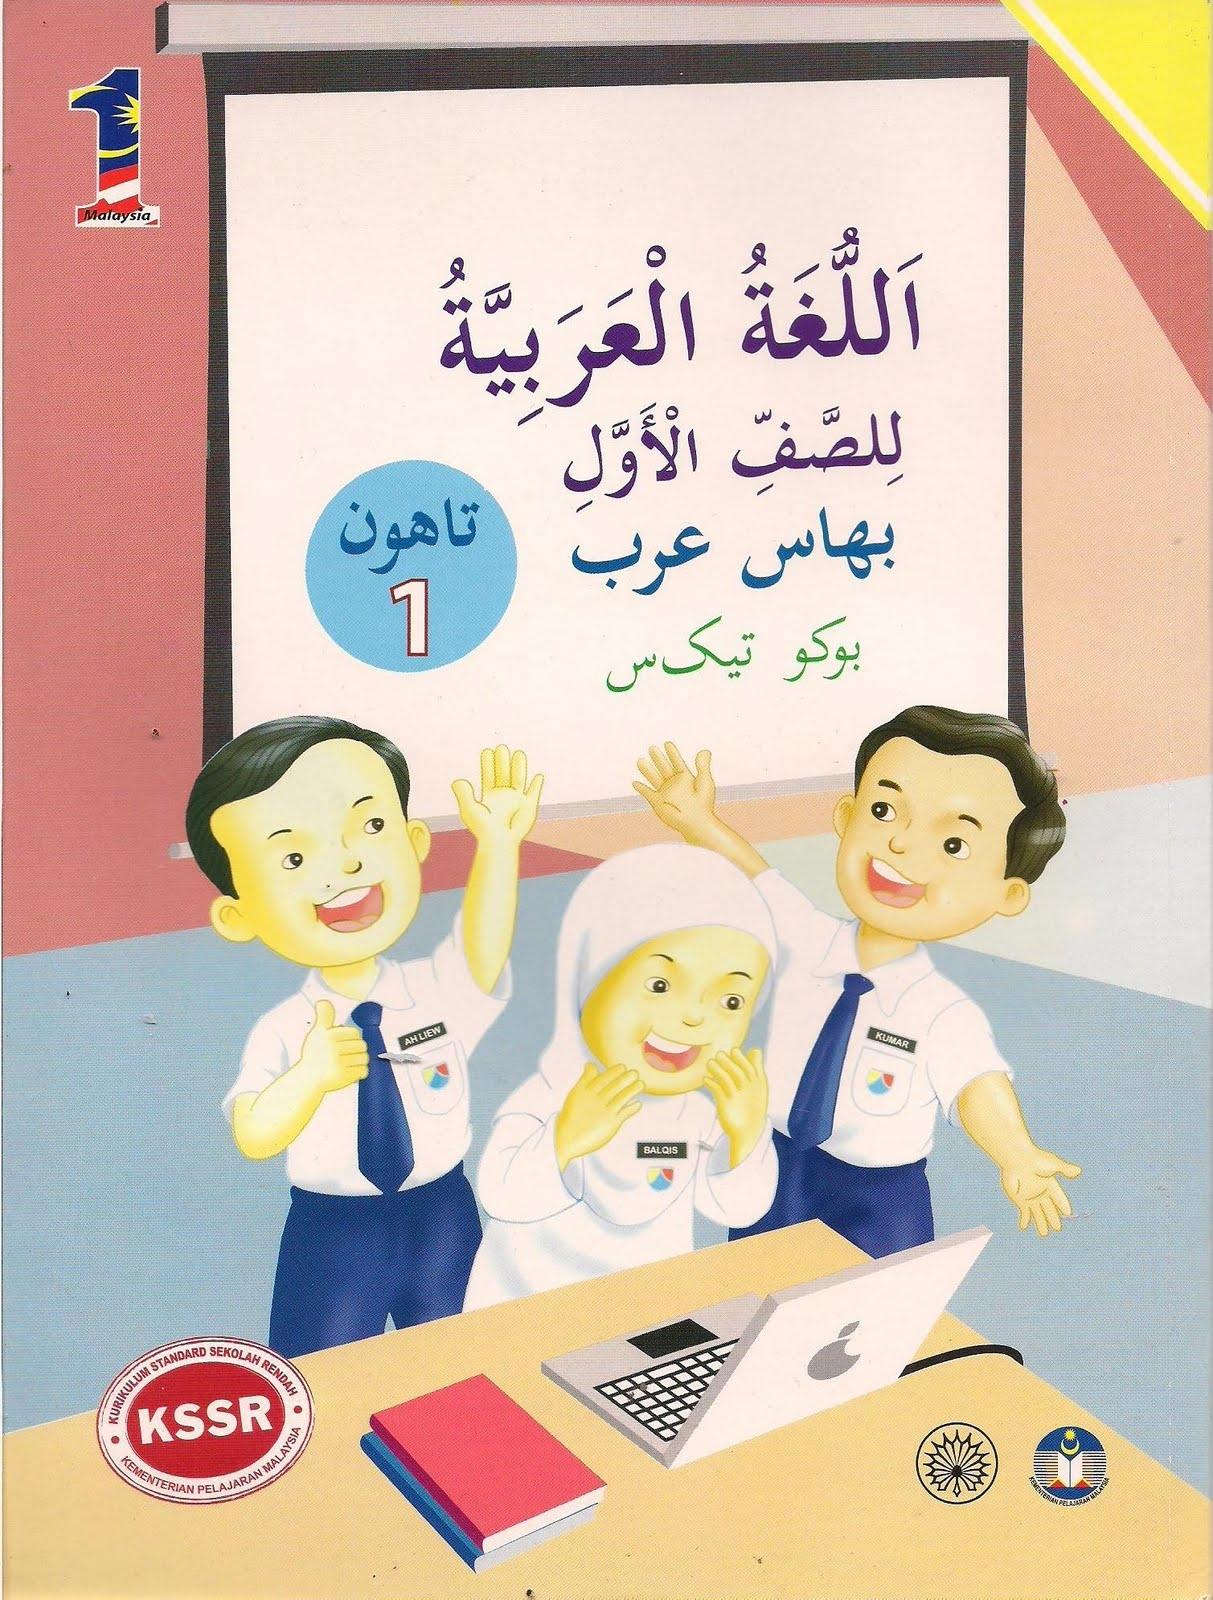 Download Rpt Bahasa Arab Tahun 4 Bernilai Panitia Pendidikan islam J Qaf Sk Bukit Dinding Bahasa Arab Of Download Rpt Bahasa Arab Tahun 4 Yang Boleh Di Download Dengan Segera